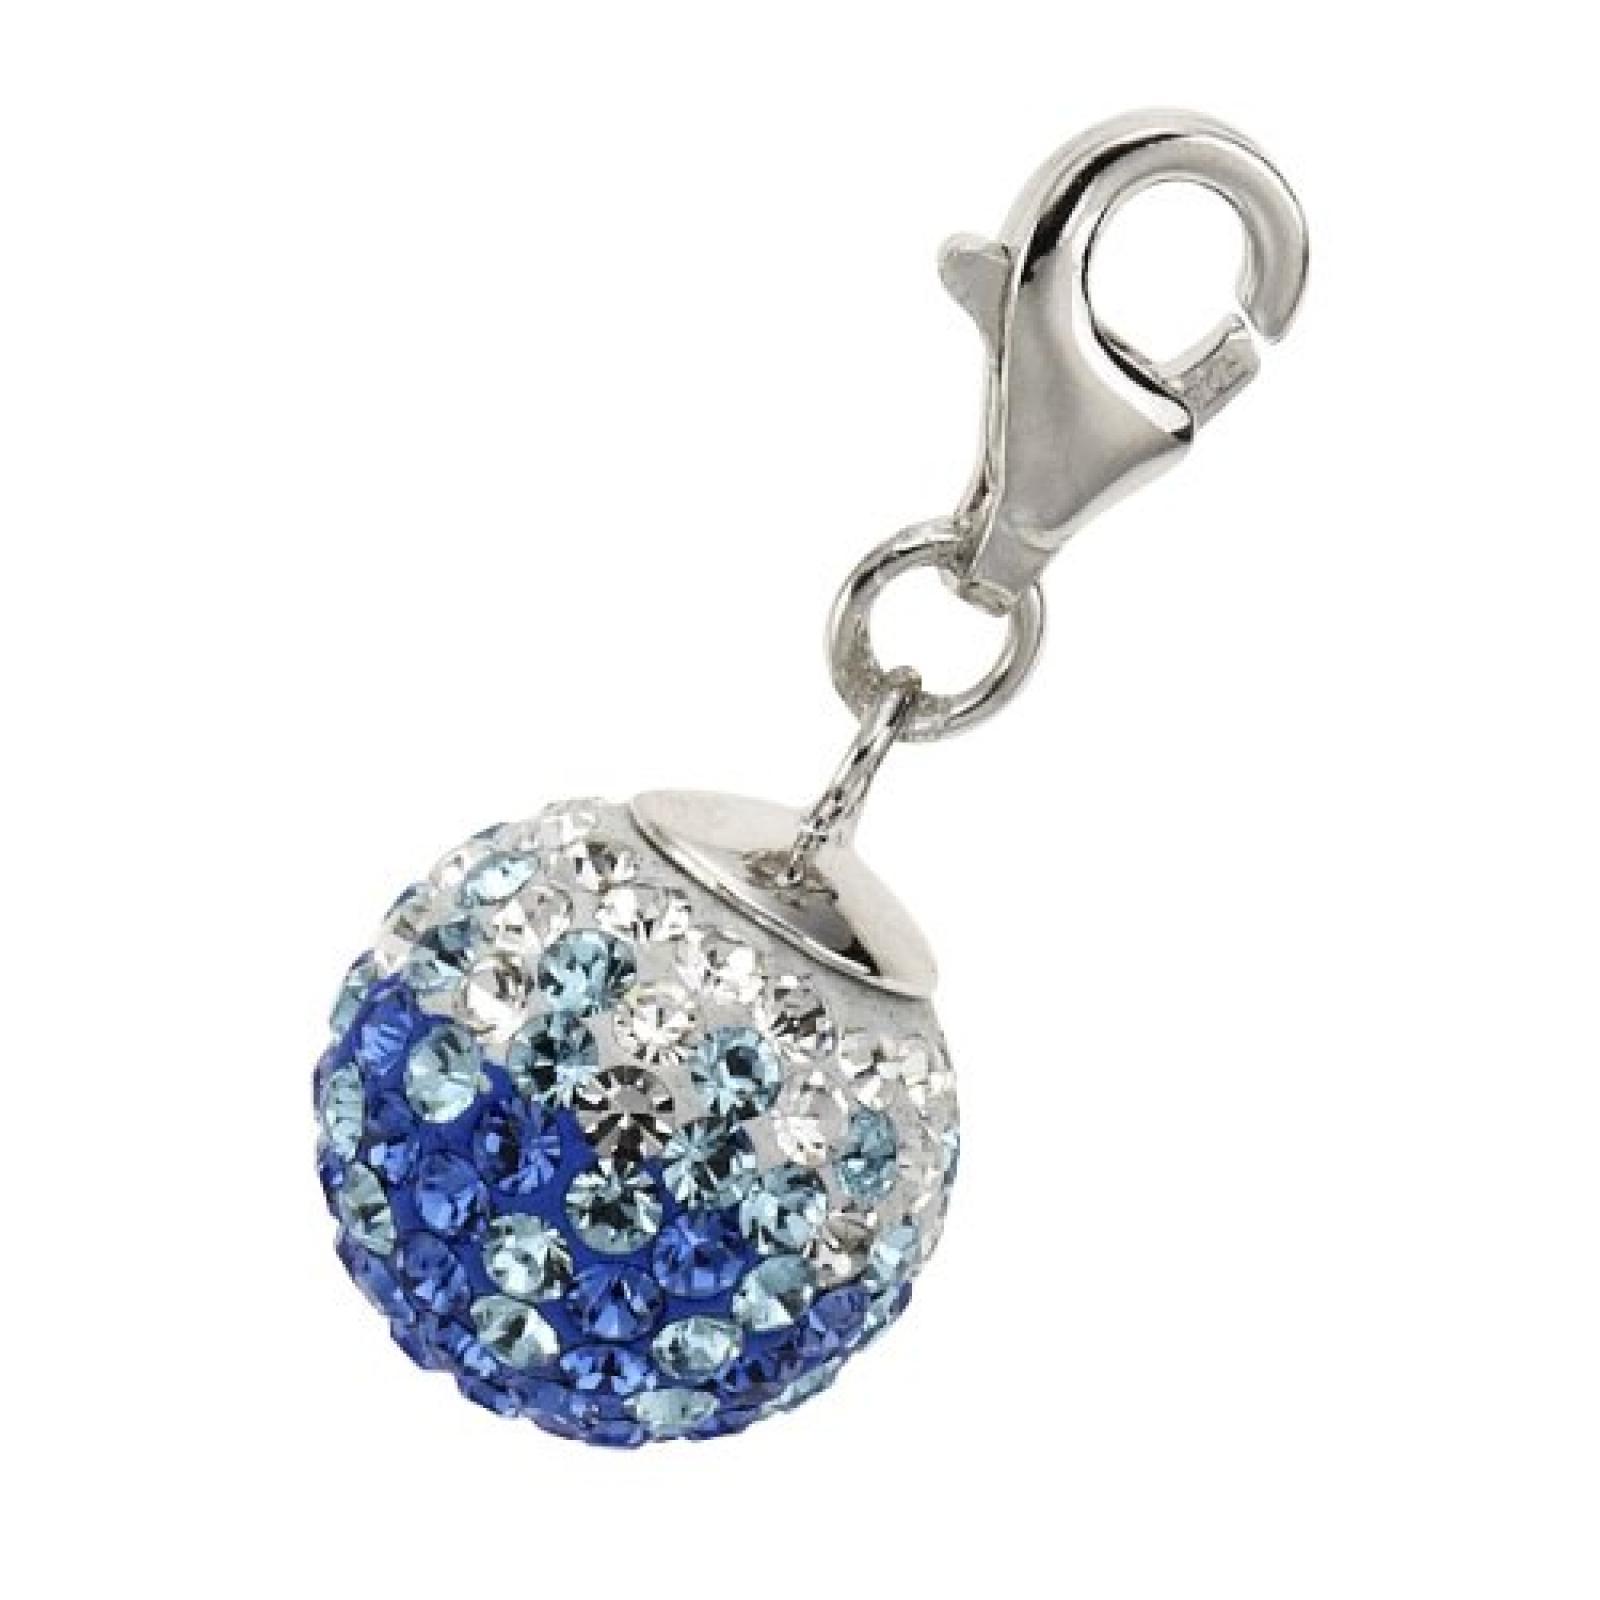 Zeeme Damen-Anhänger 925/- Sterling Silber Kugel Kristall Blau/Türkis/Weiß 280240061-1